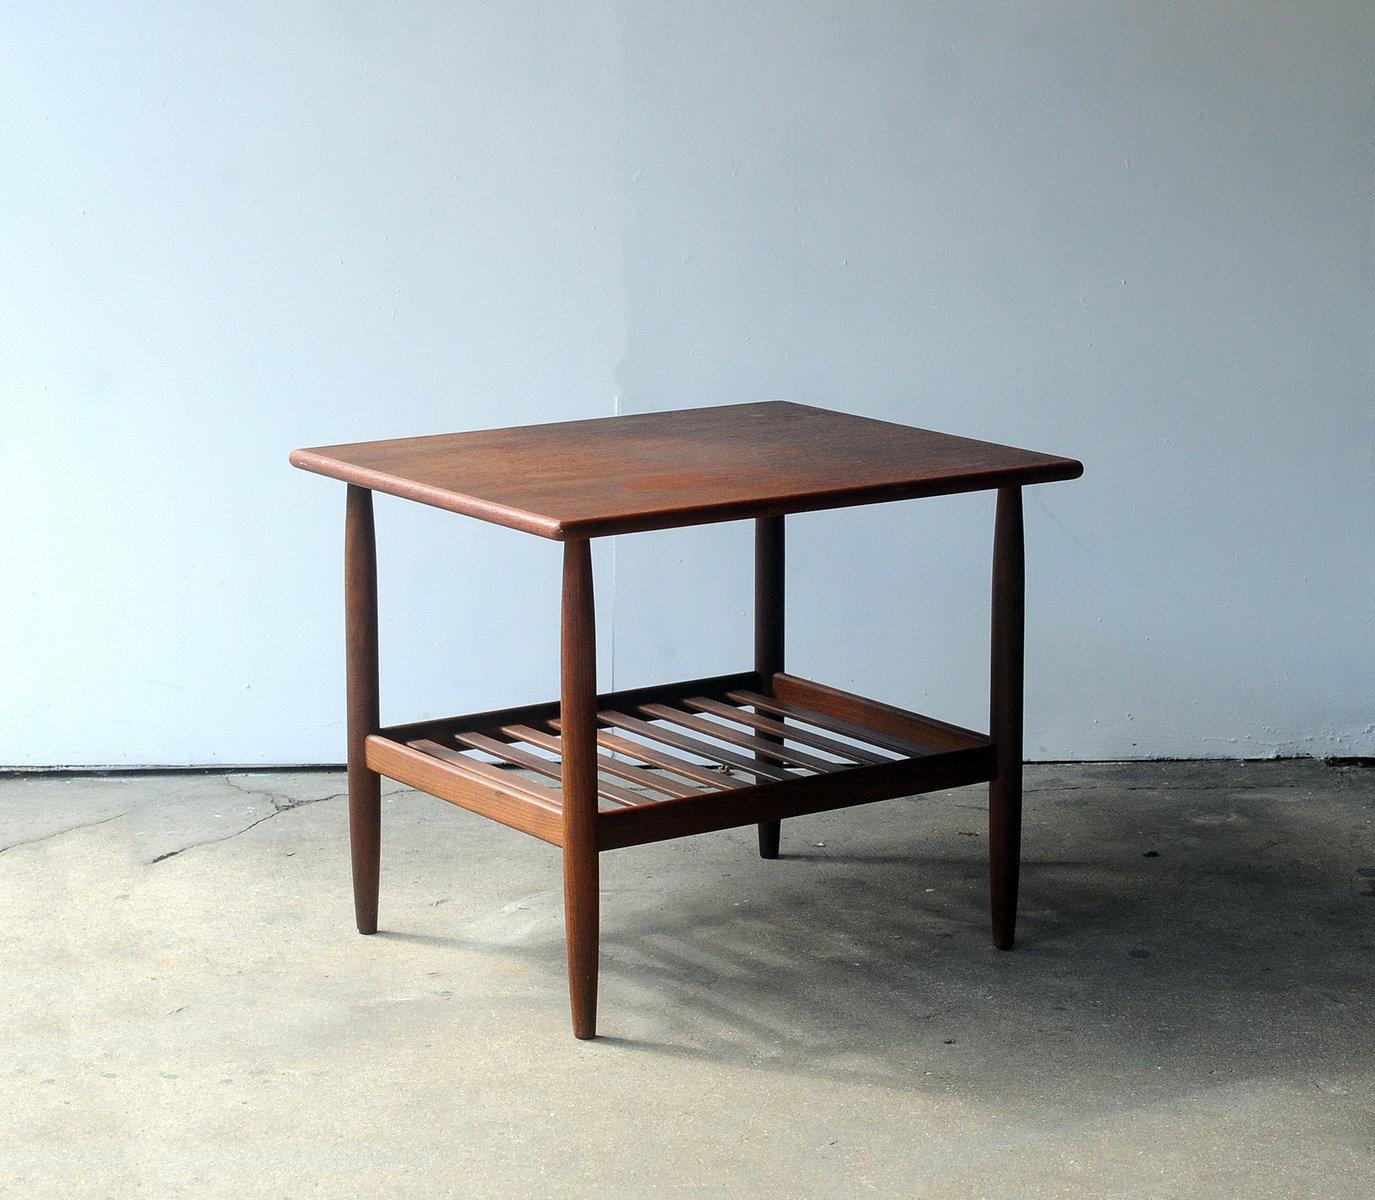 Danish Mid Century Teak Coffee Table 1 Small: Mid-Century Danish Teak Side Table With Shelf For Sale At